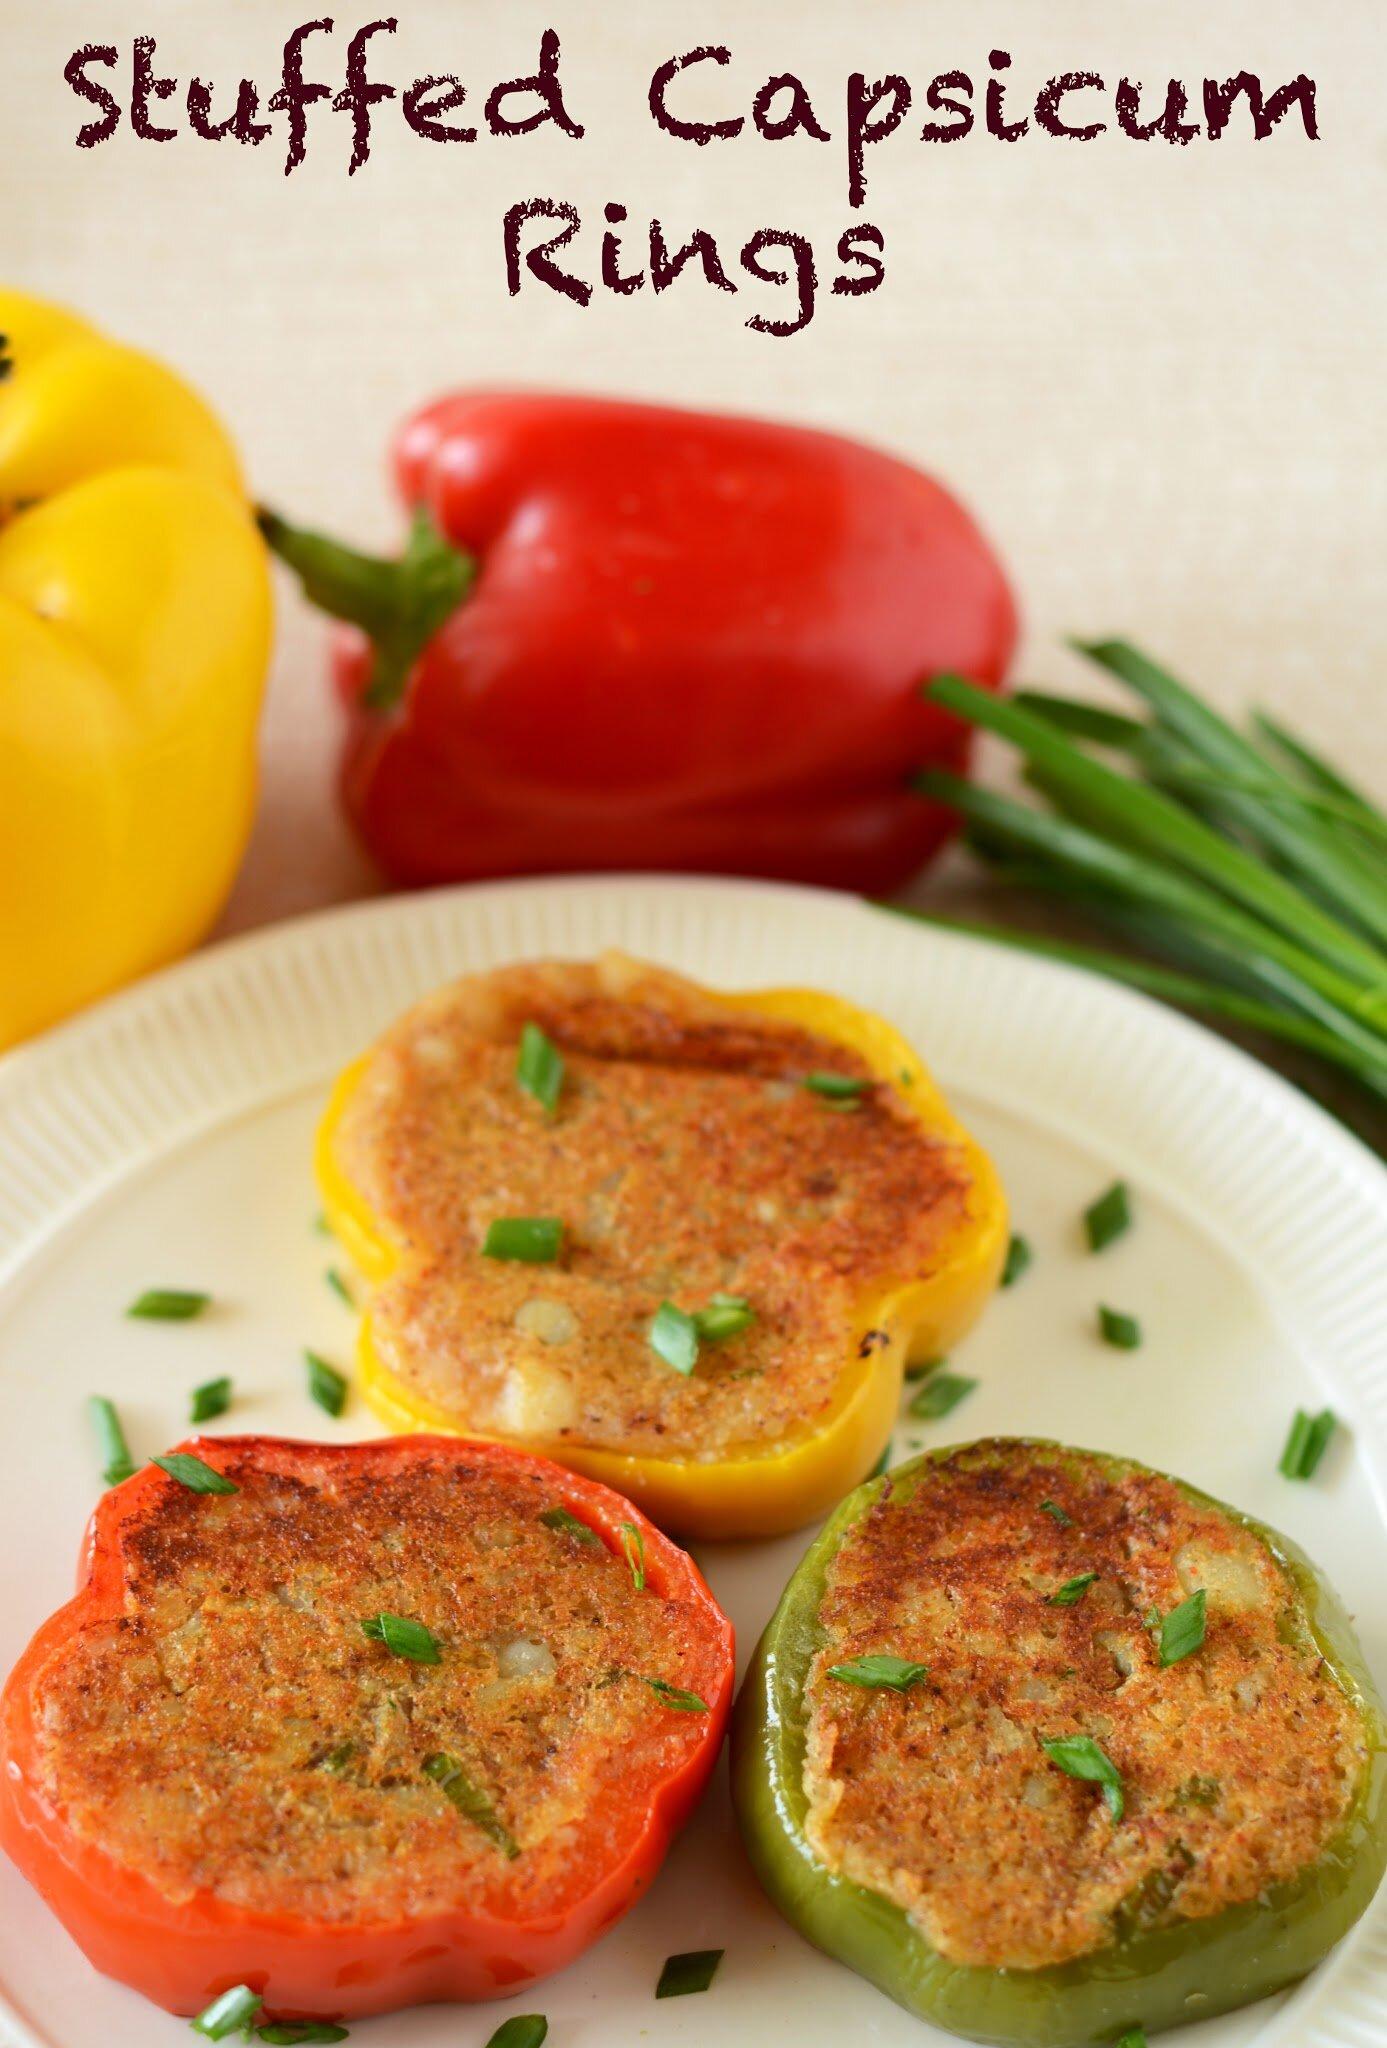 Stuffed Capsicum Recipe Indian Vegetarian side dish